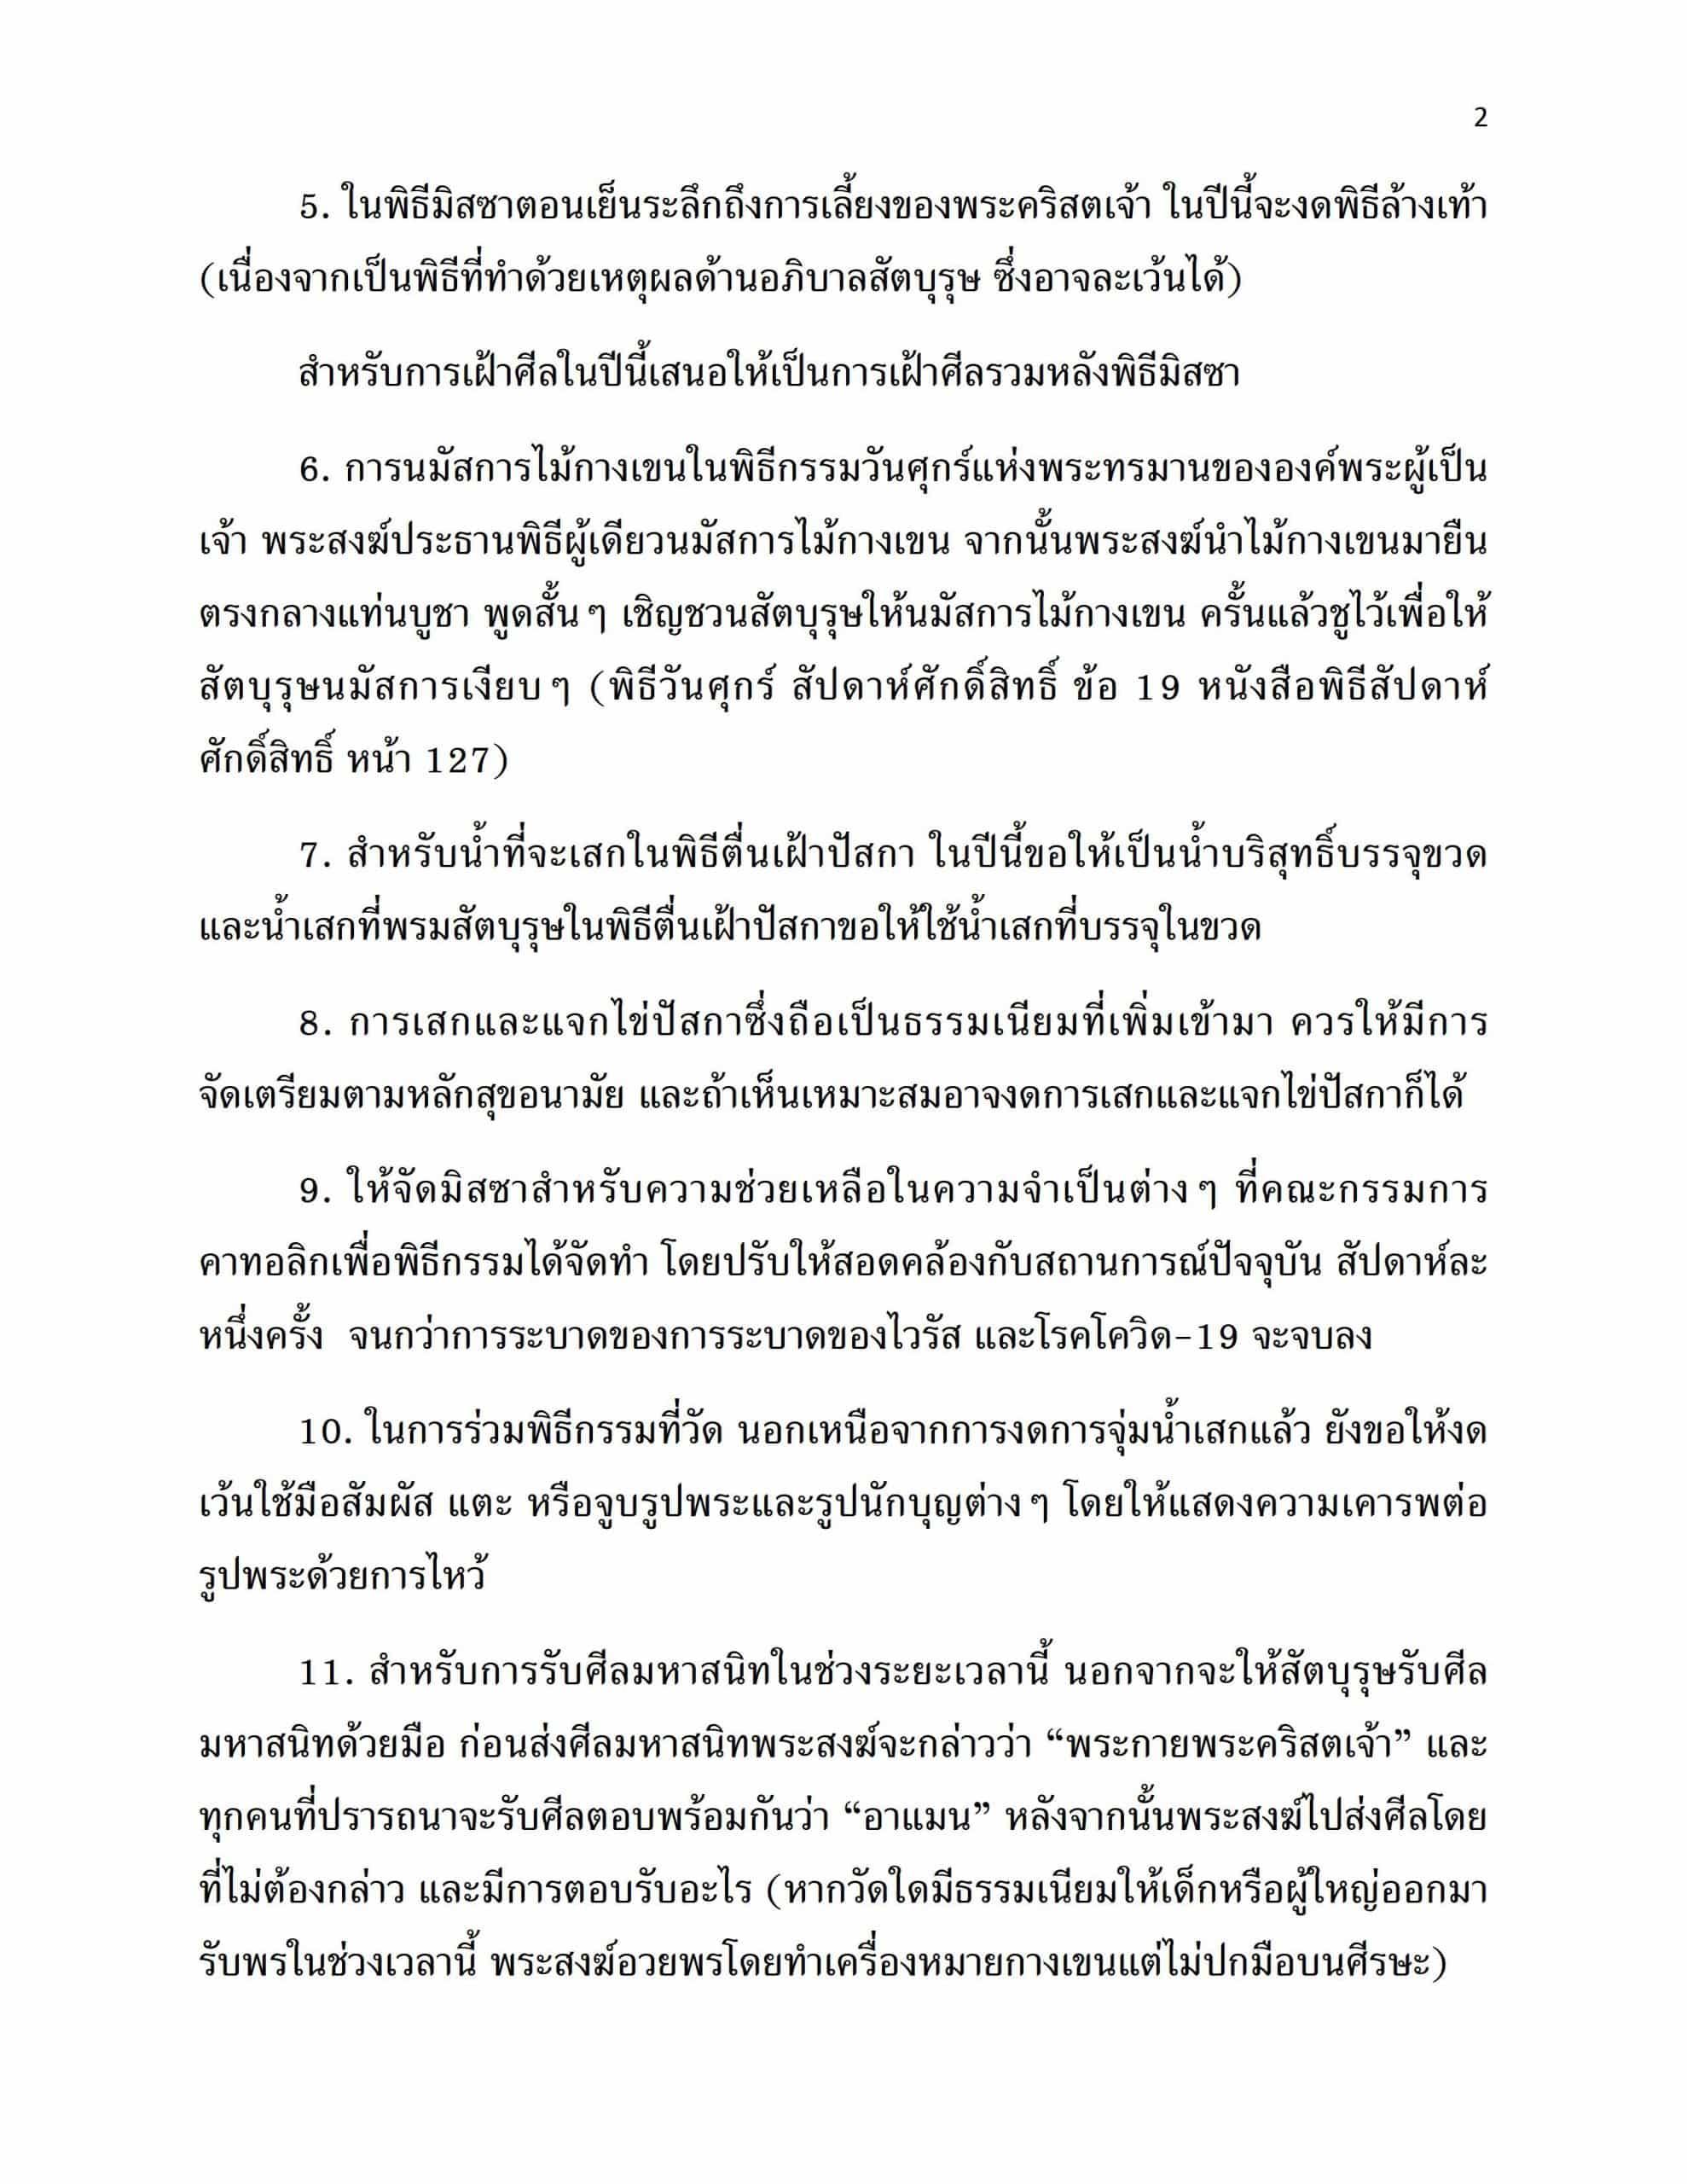 สาสน์อภิบาล เลขที่ สสท. 032-2020 (5)